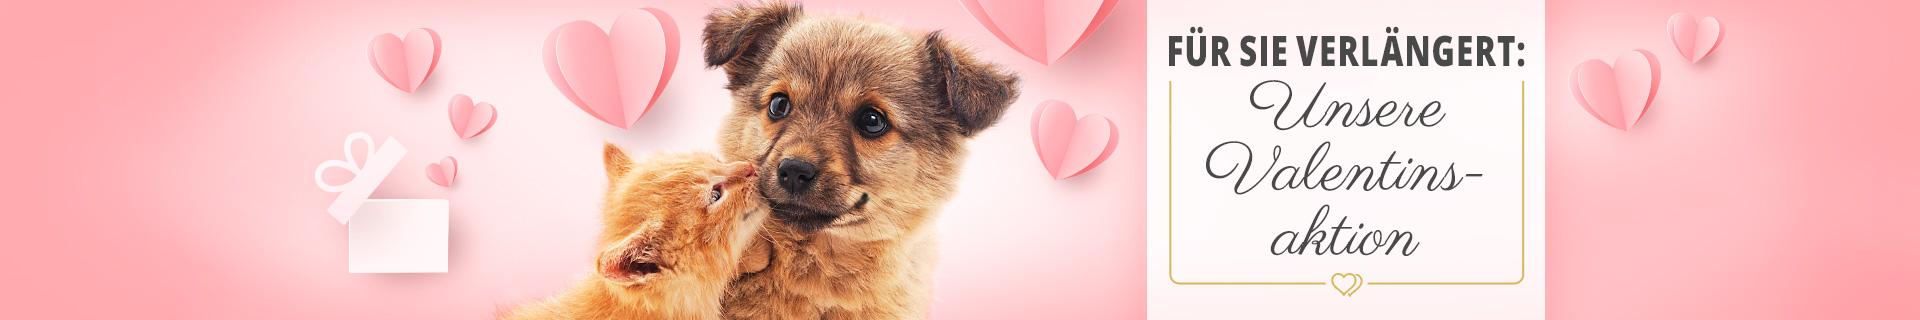 Valentinstagsaktion - 14% Rabatt auf ausgewählte Artikel